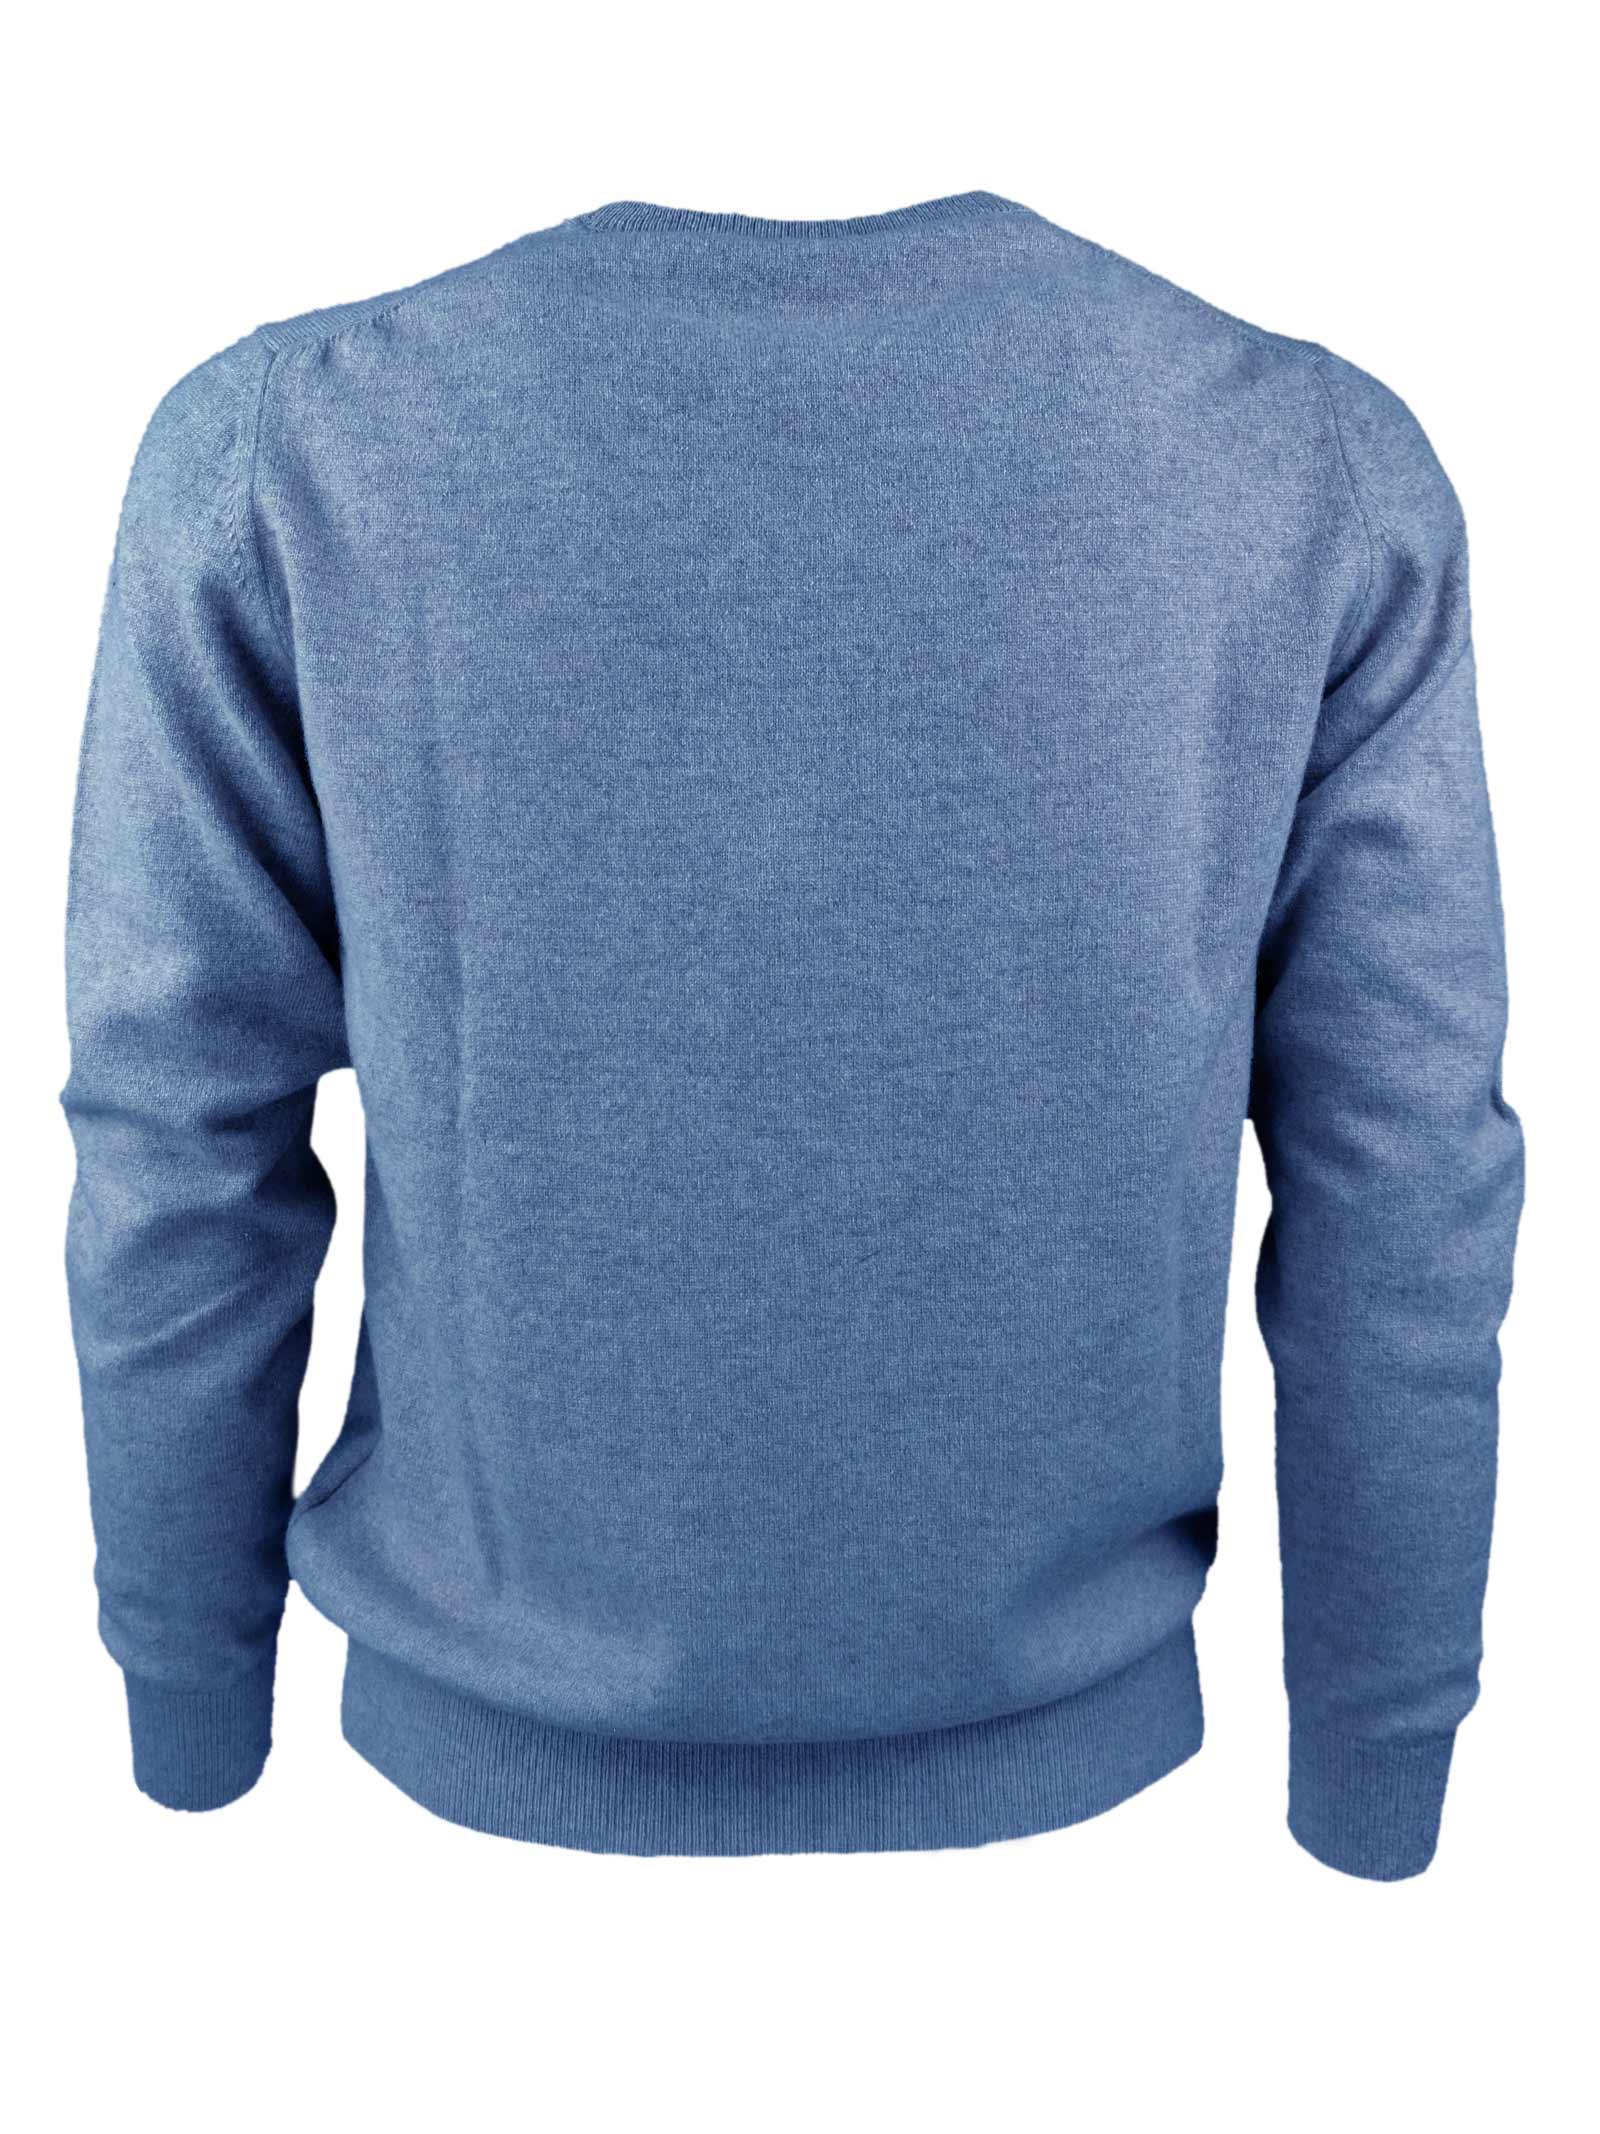 Pullover girocollo in cashmere 100%  due fili H953   Maglieria   299772